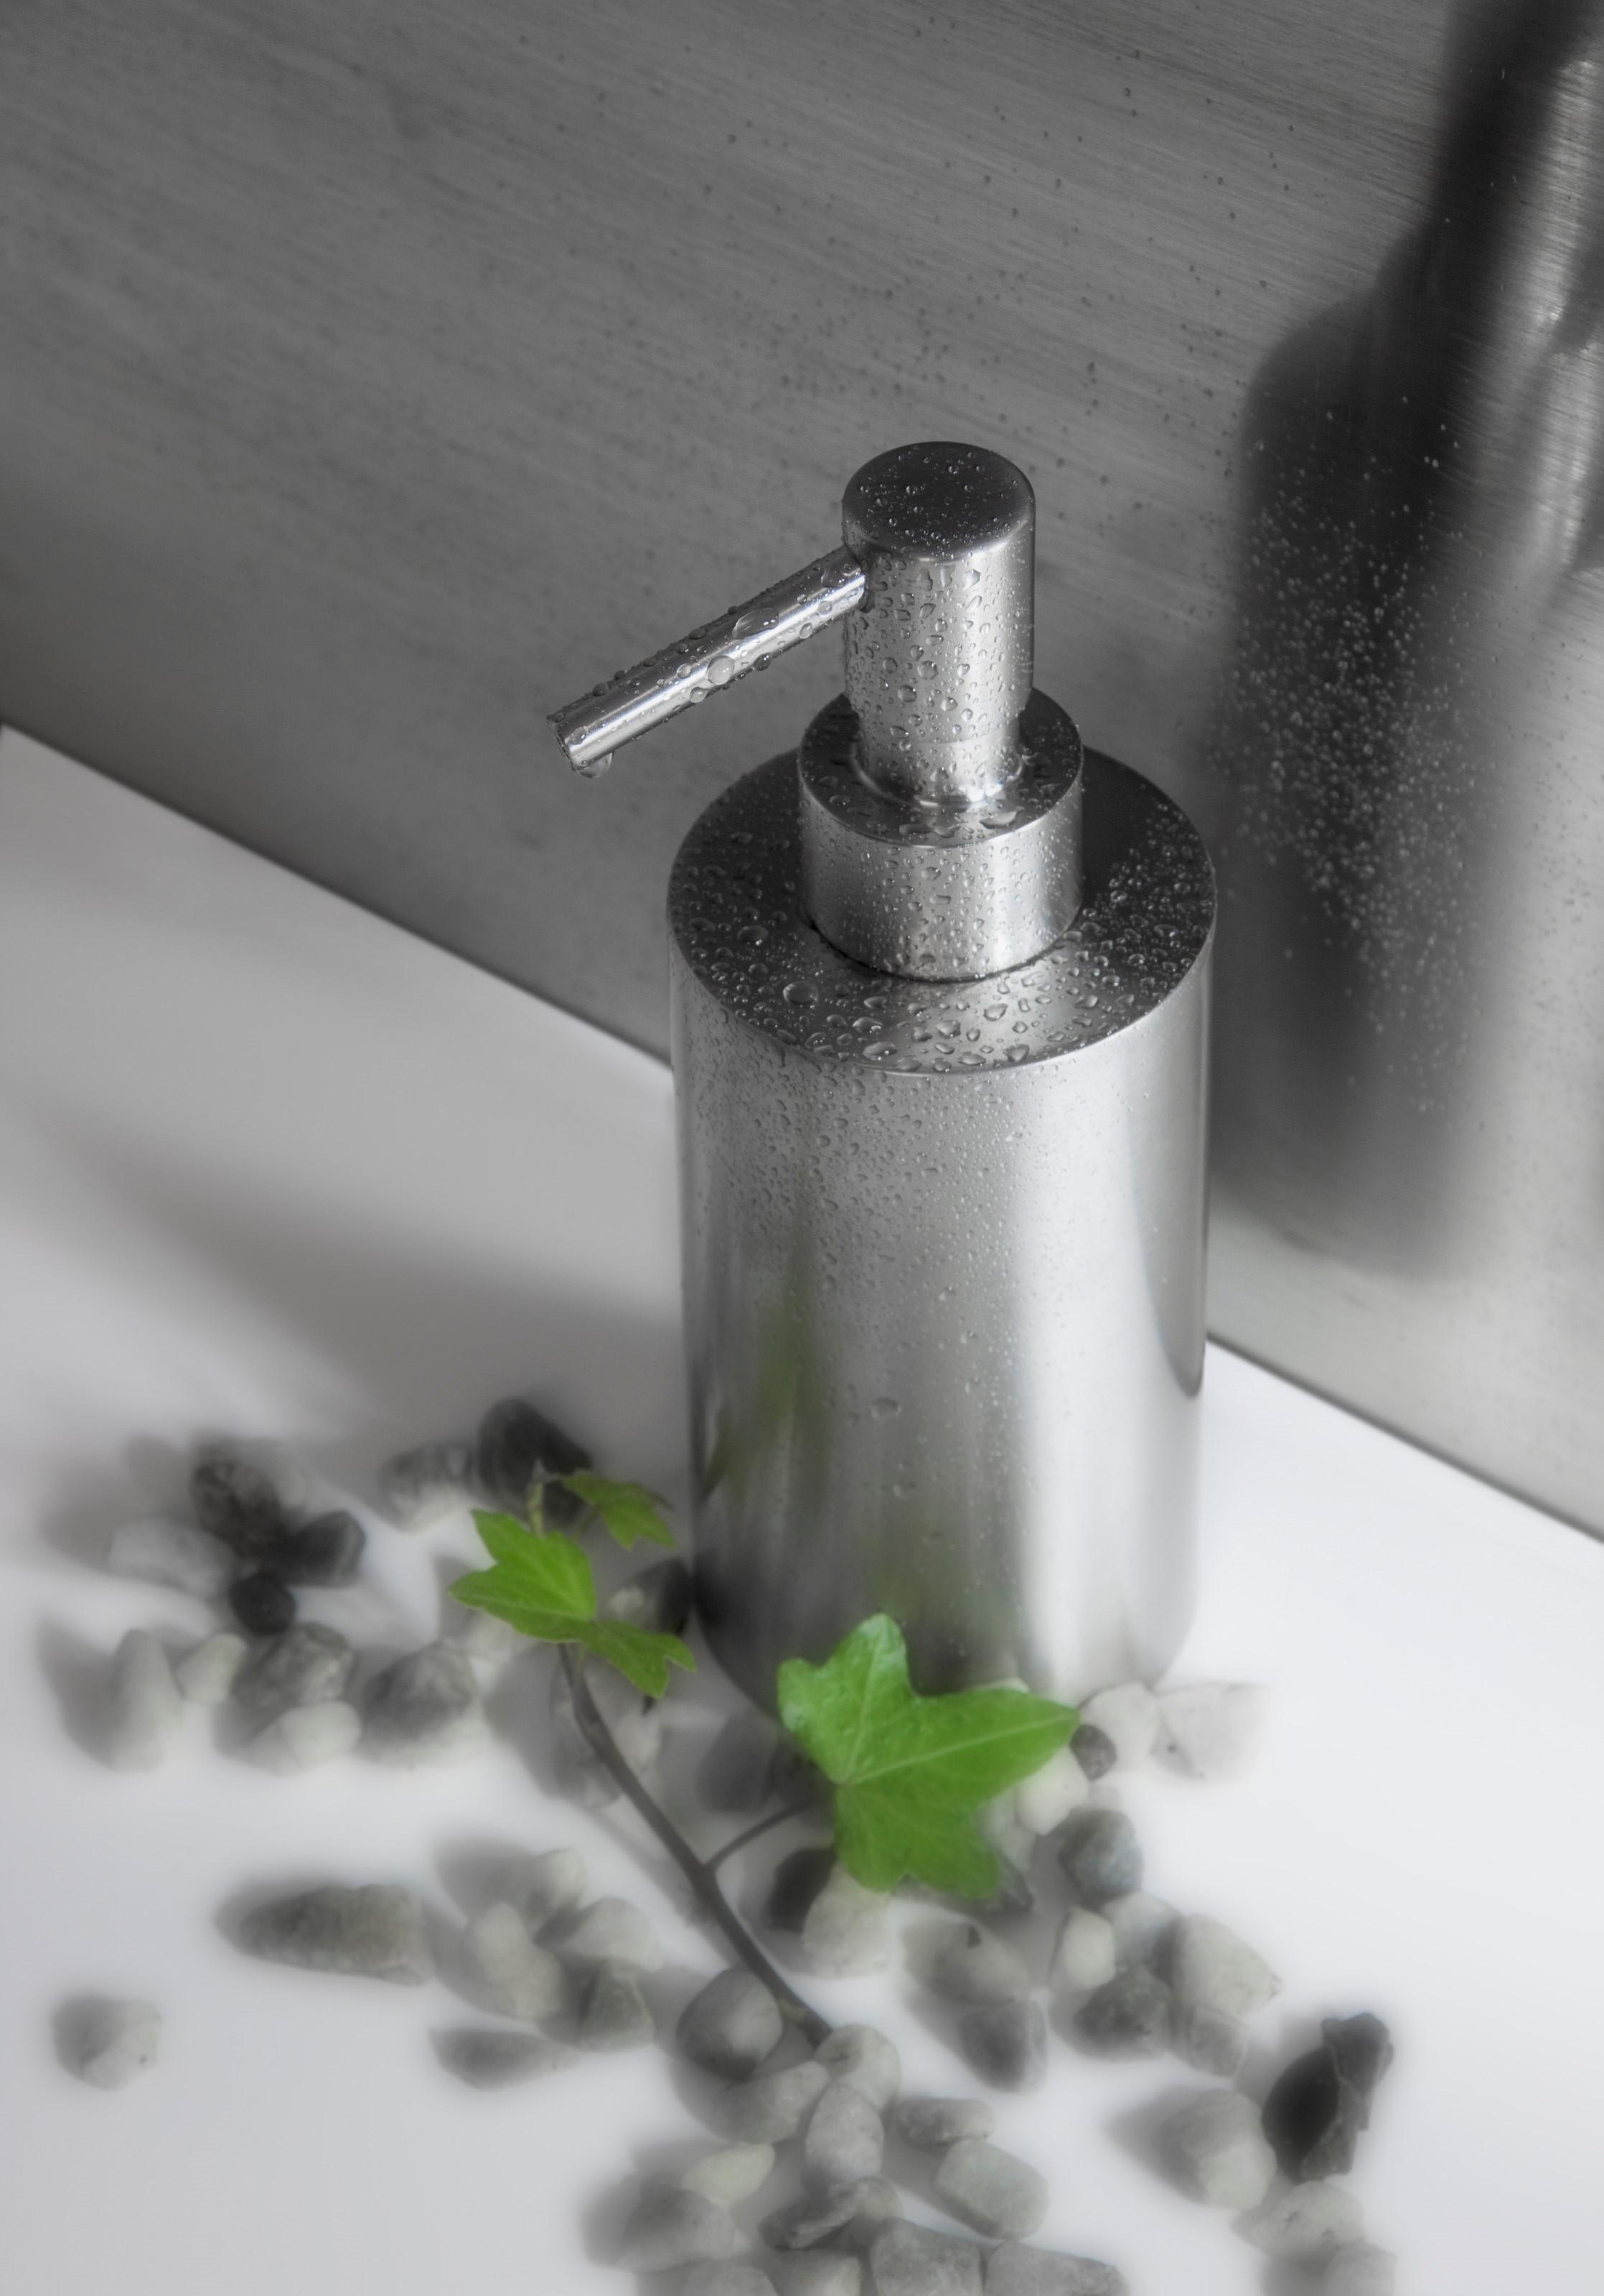 20170402 232125 luca sanitair badkamer - Idee voor de badkamer ...